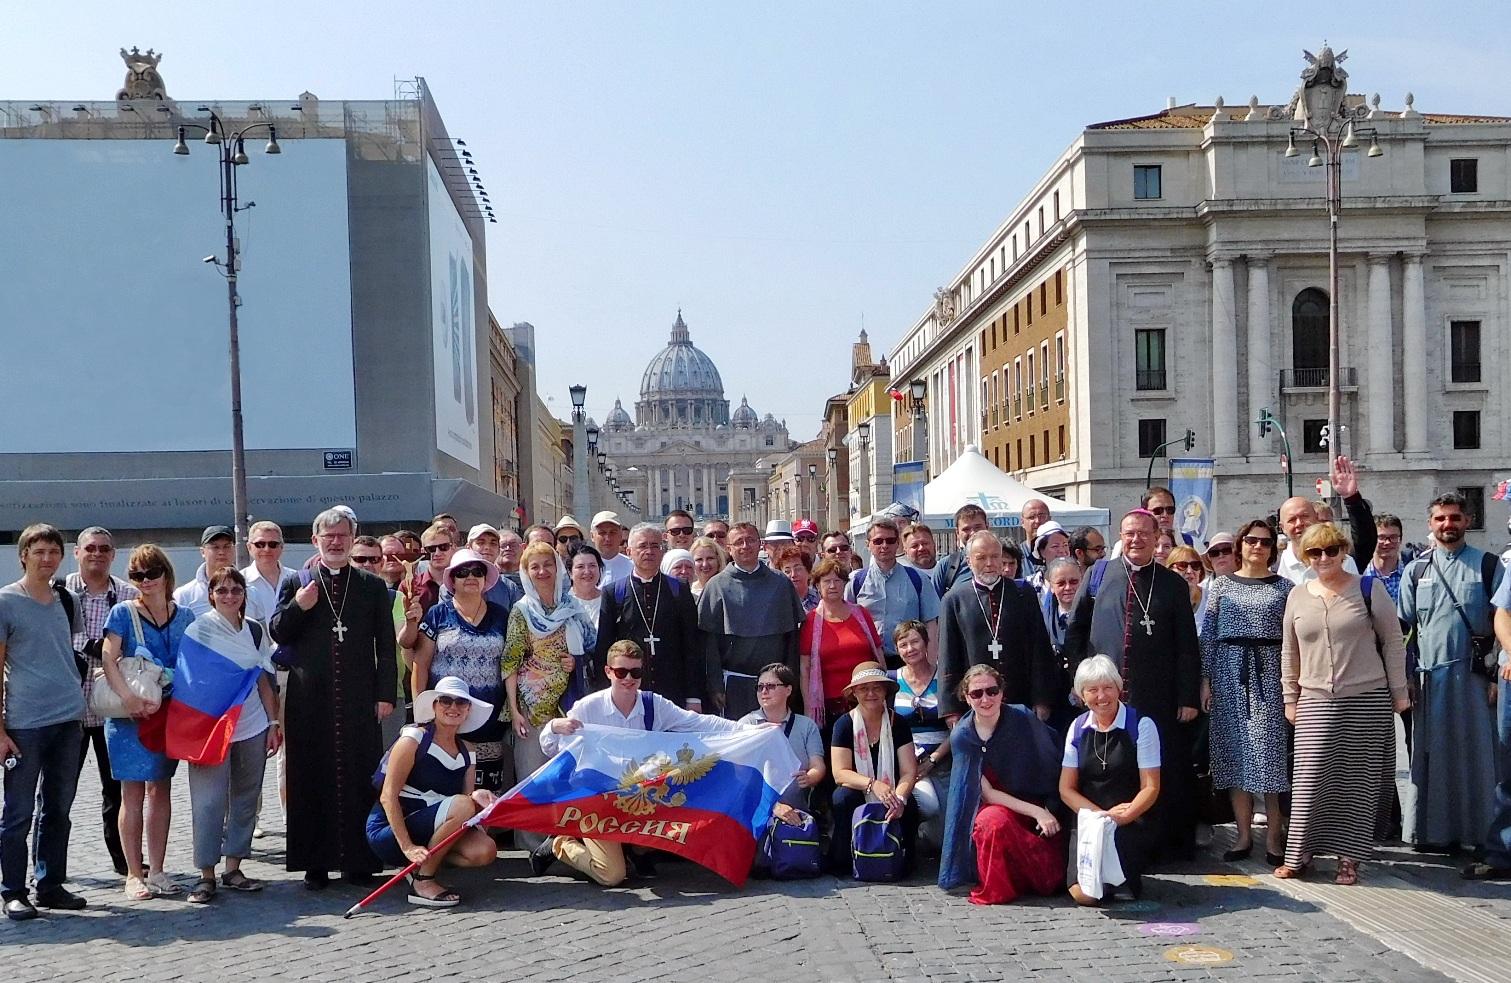 Фоторепортаж из Рима о российском паломничестве в рамках Юбилейного Года Милосердия